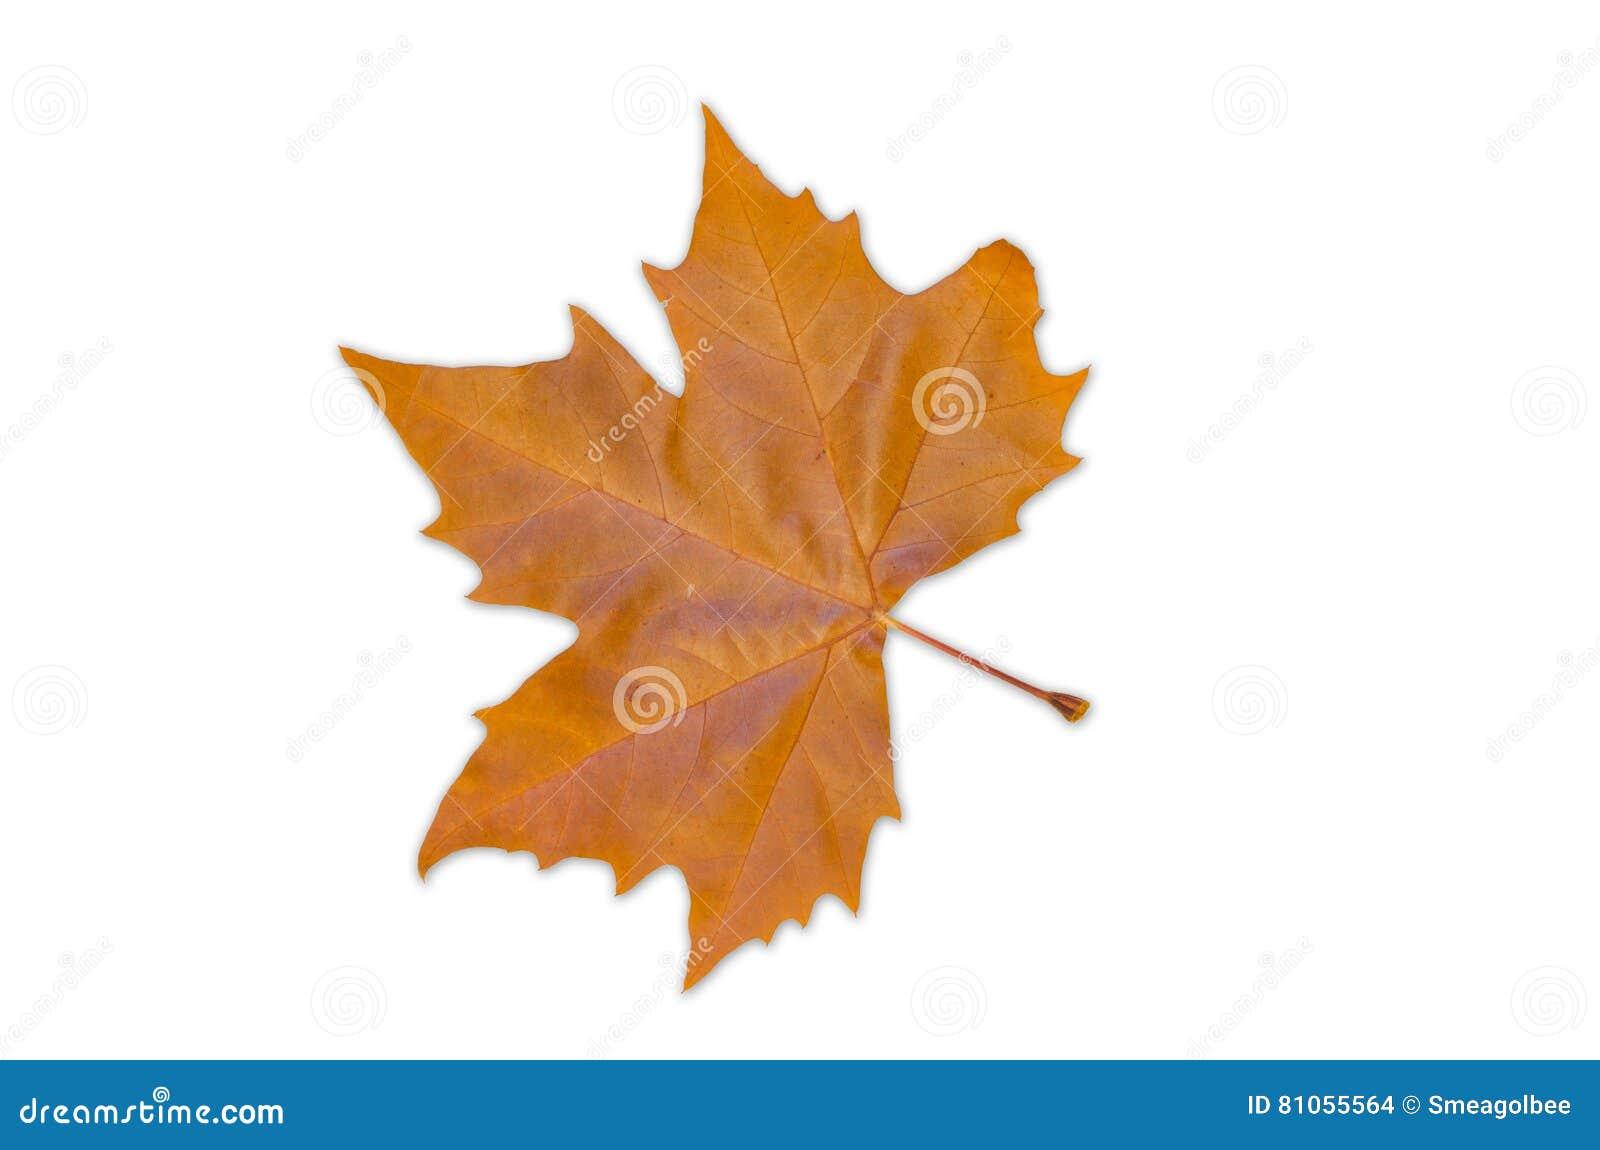 Norwegia liść klonowy - jesieni Colour